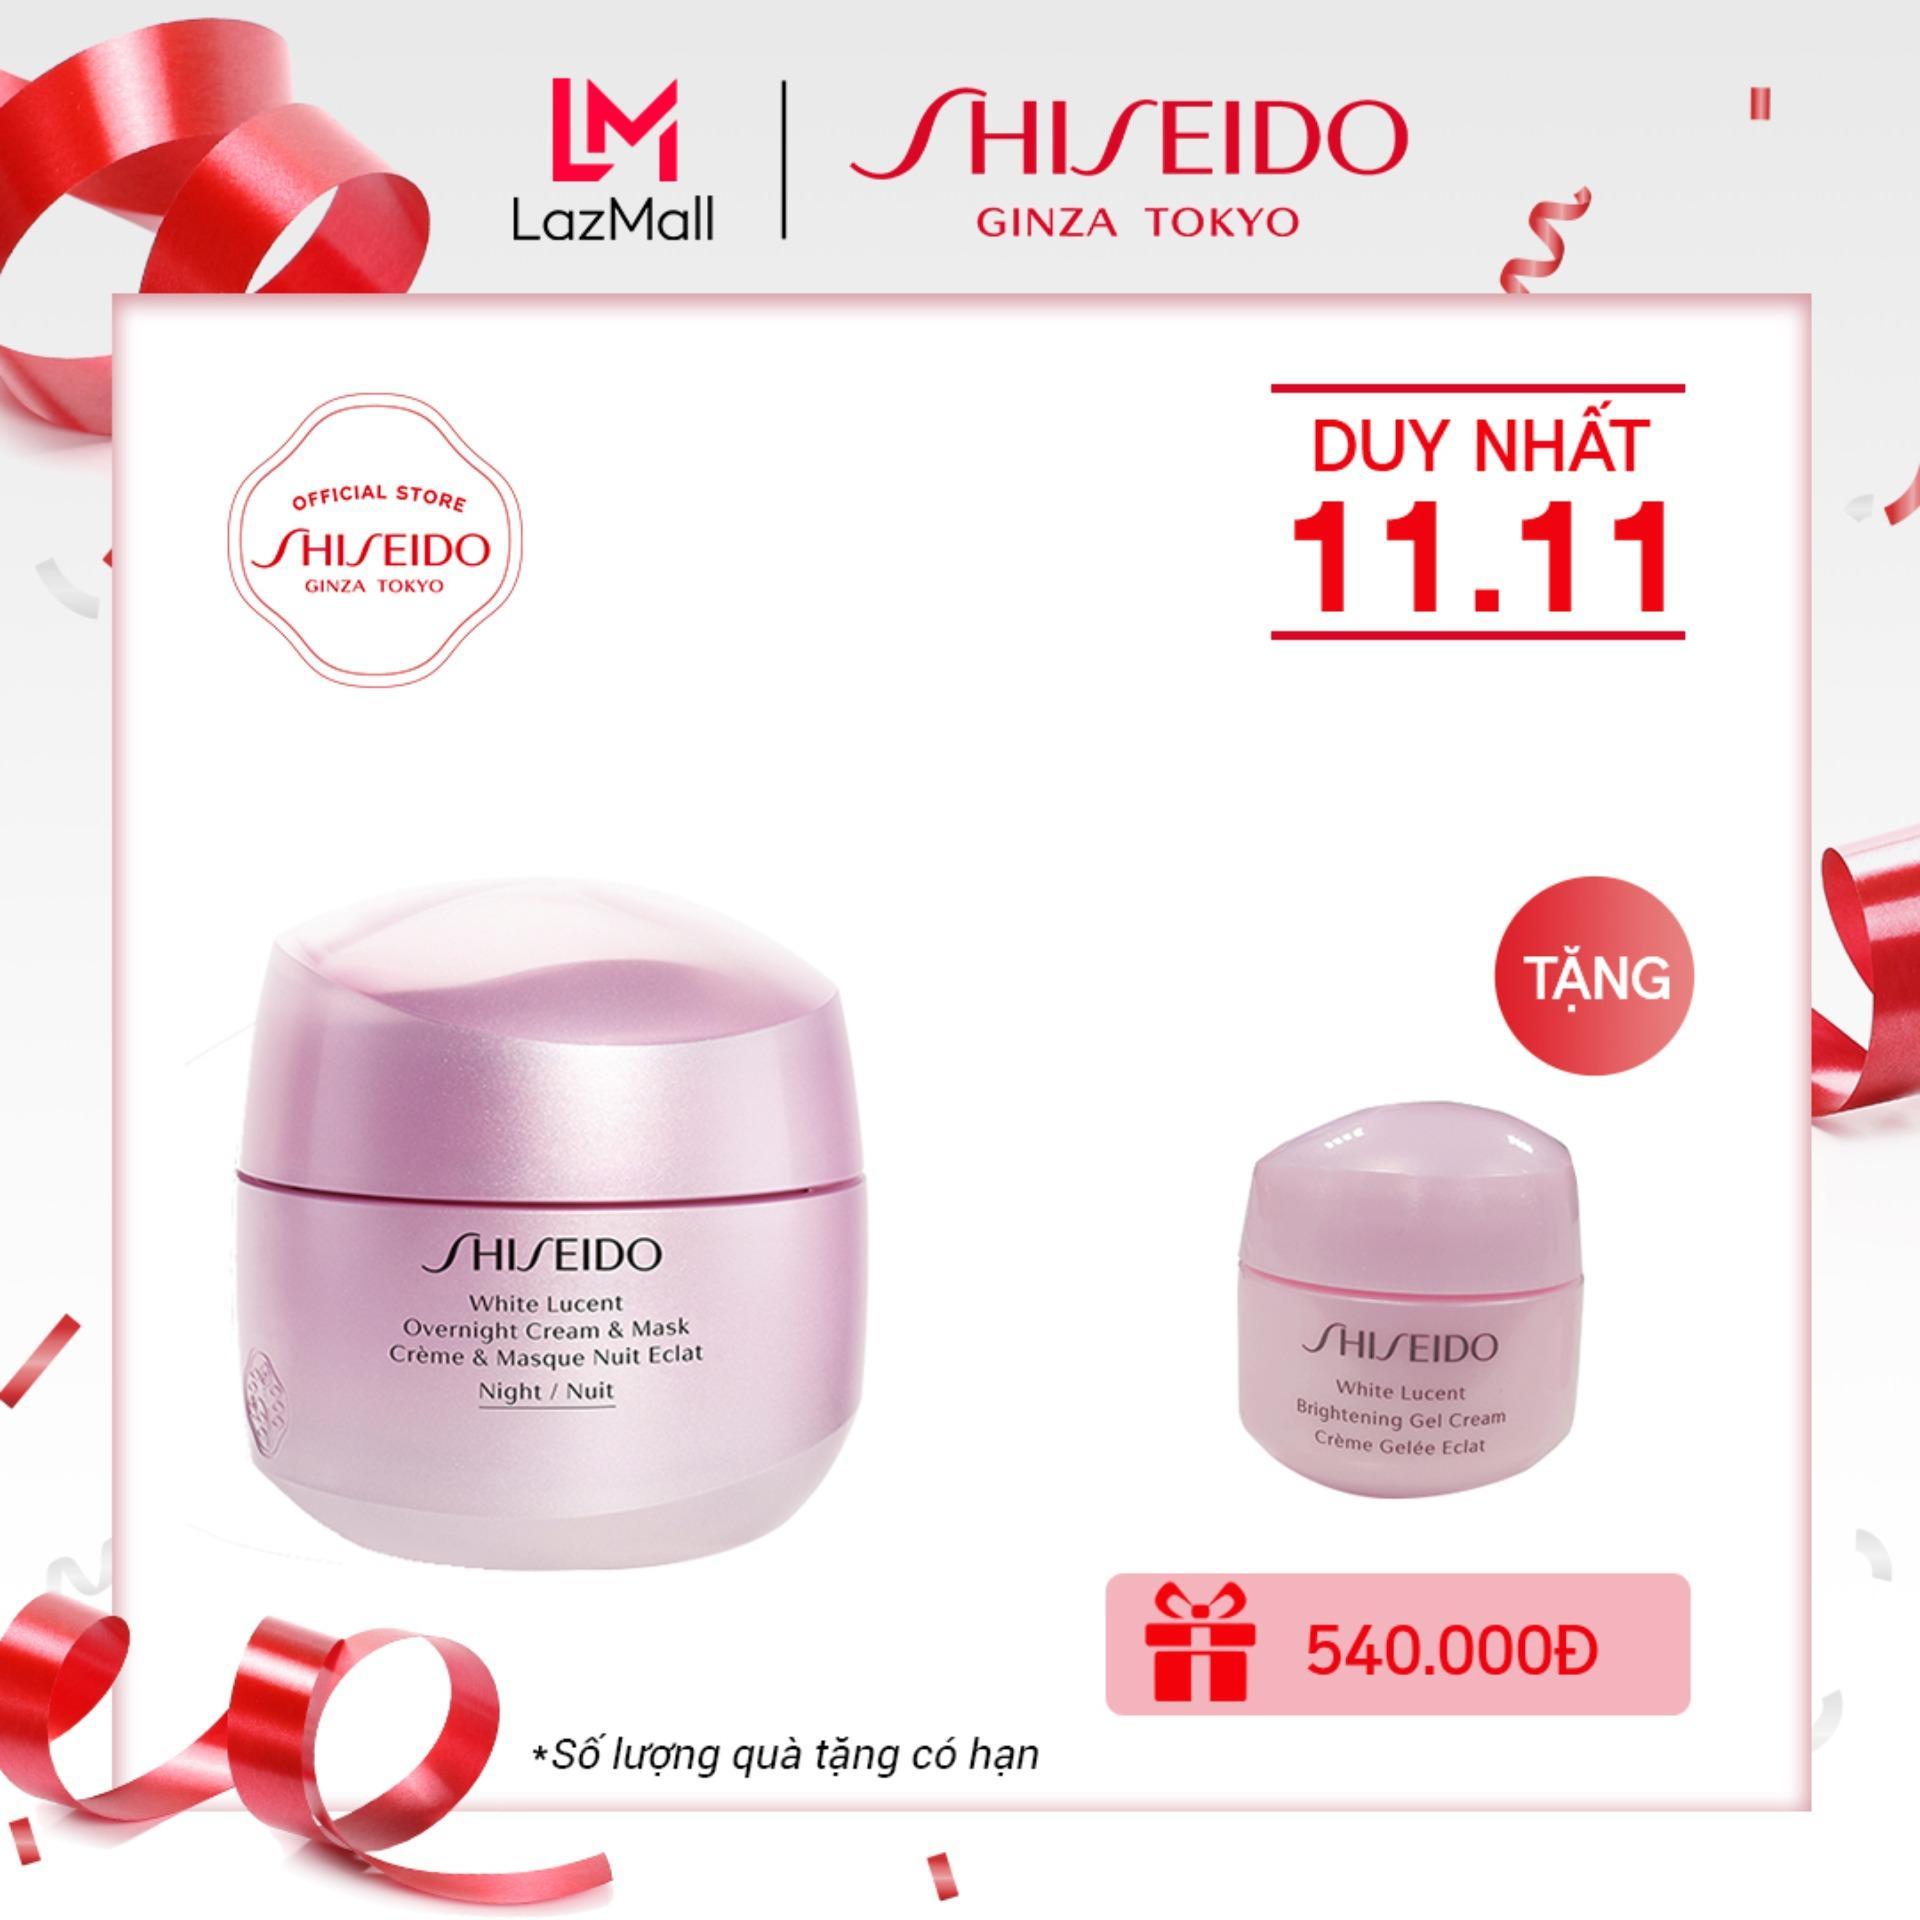 Bộ kem dưỡng trắng ban đêm Shiseido White Lucent Overnight Cream & Mask 75mL + 15ml tốt nhất